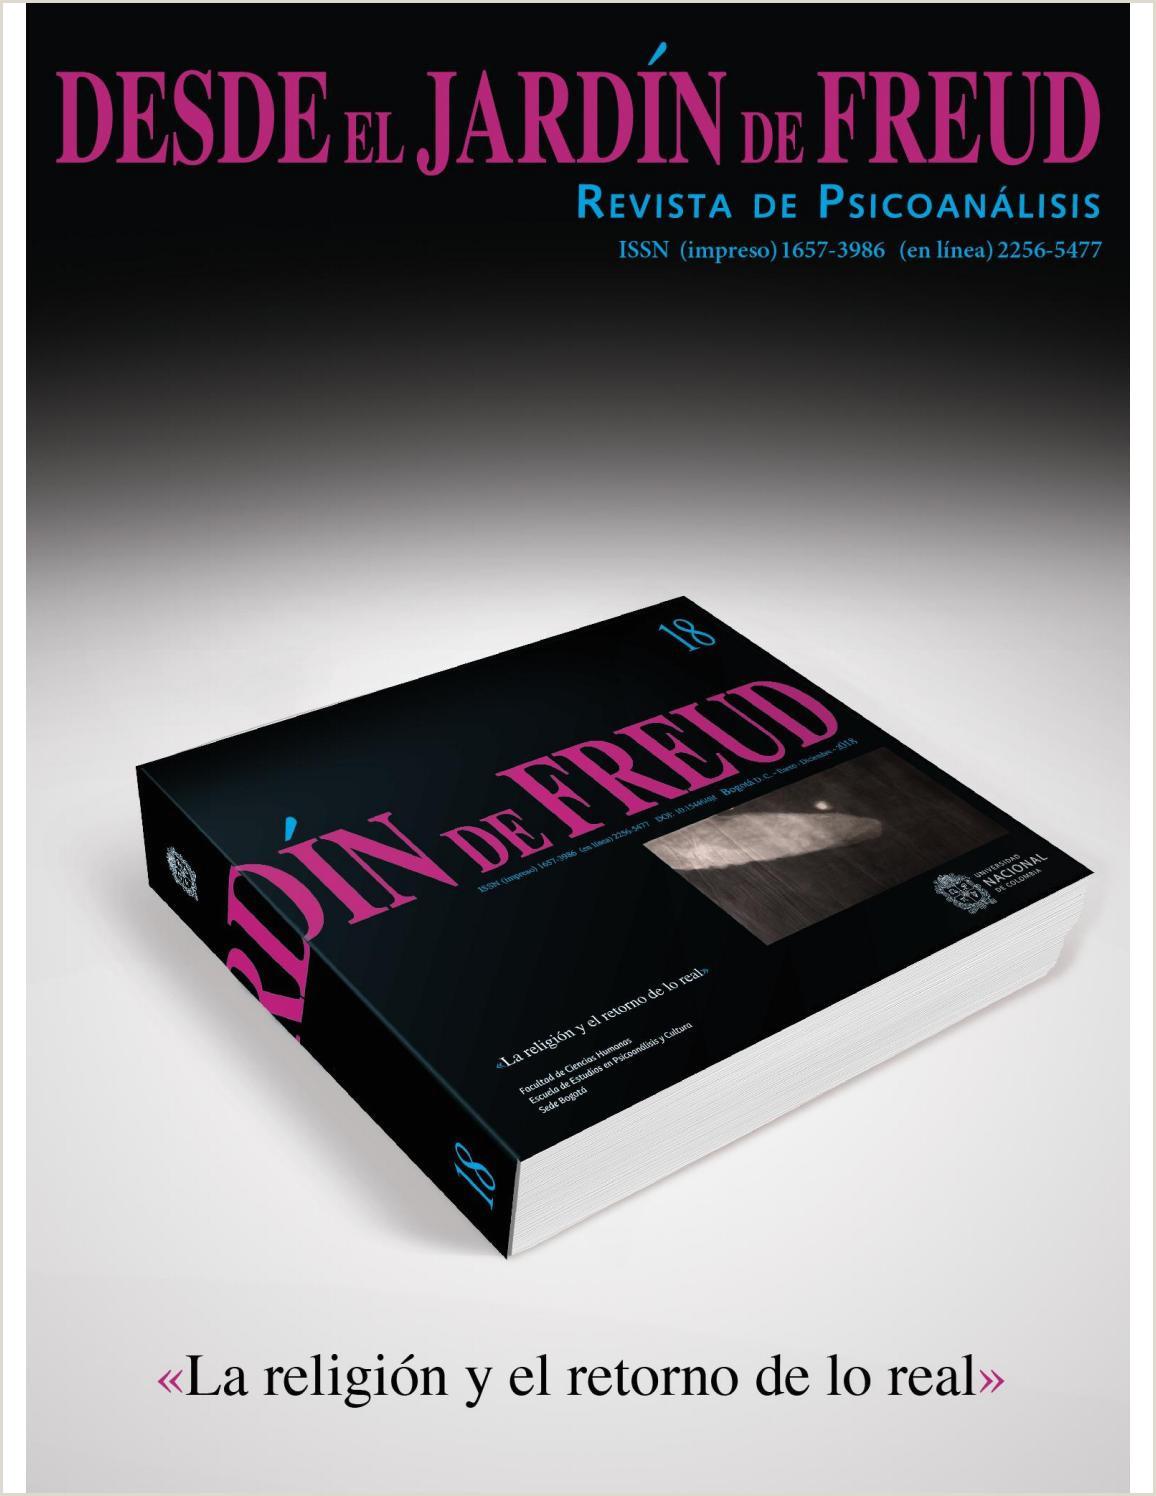 DESDE EL JARDN DE FREUD 18 Revista de Psicoanálisis by